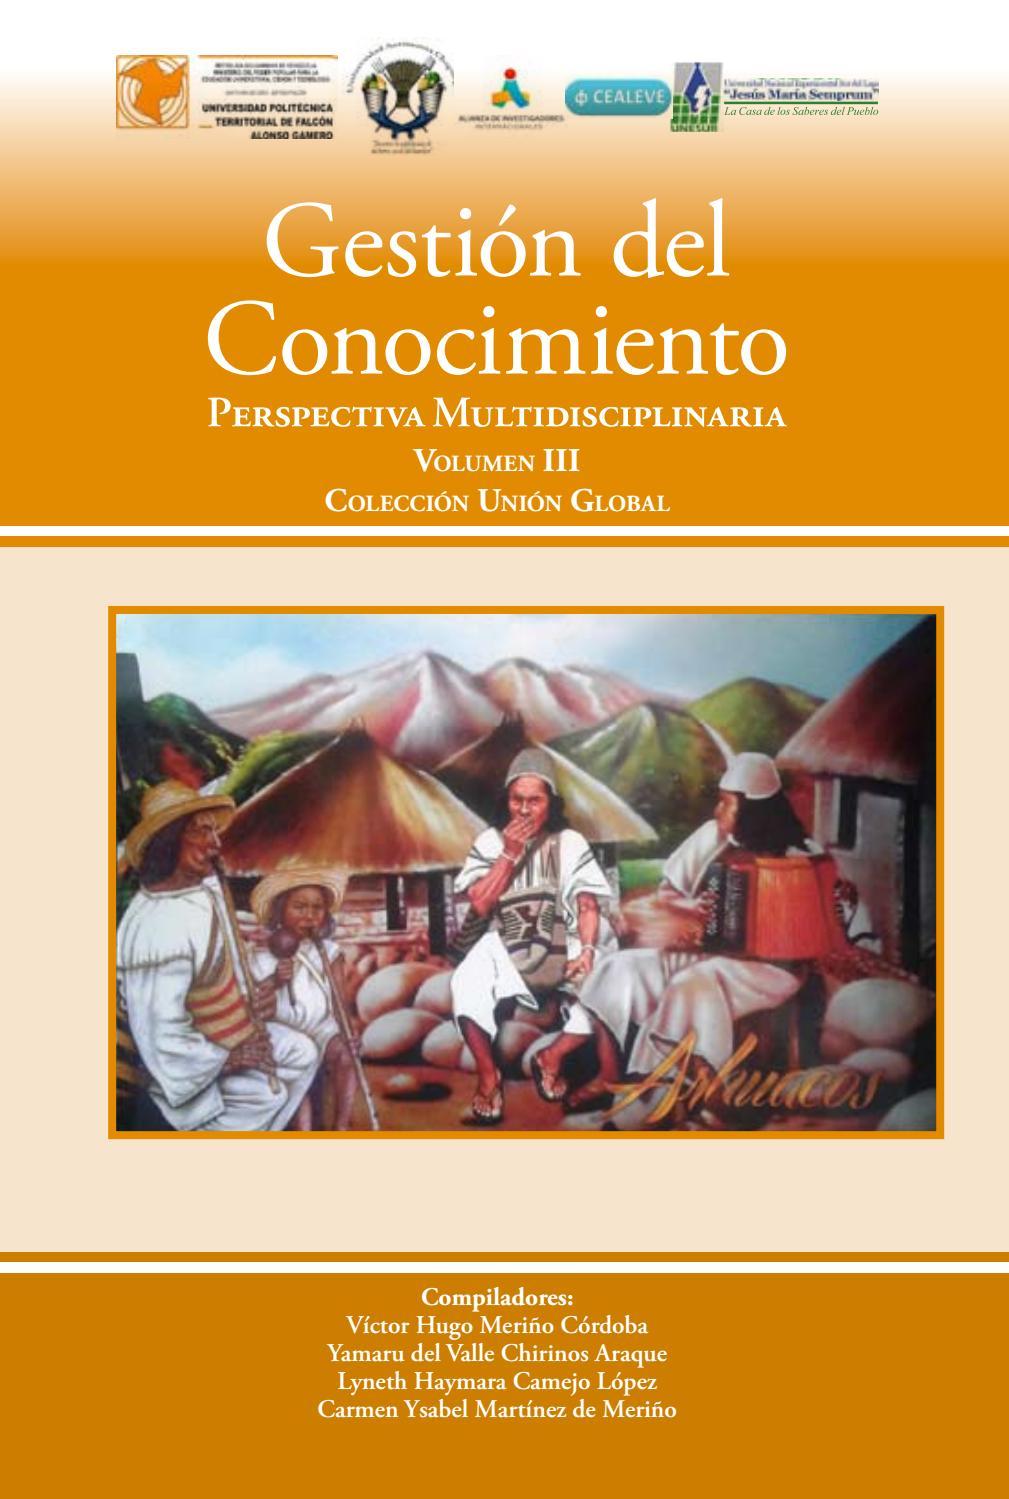 Gestion del conocimiento vol3 by José Rafael Rodríguez - issuu